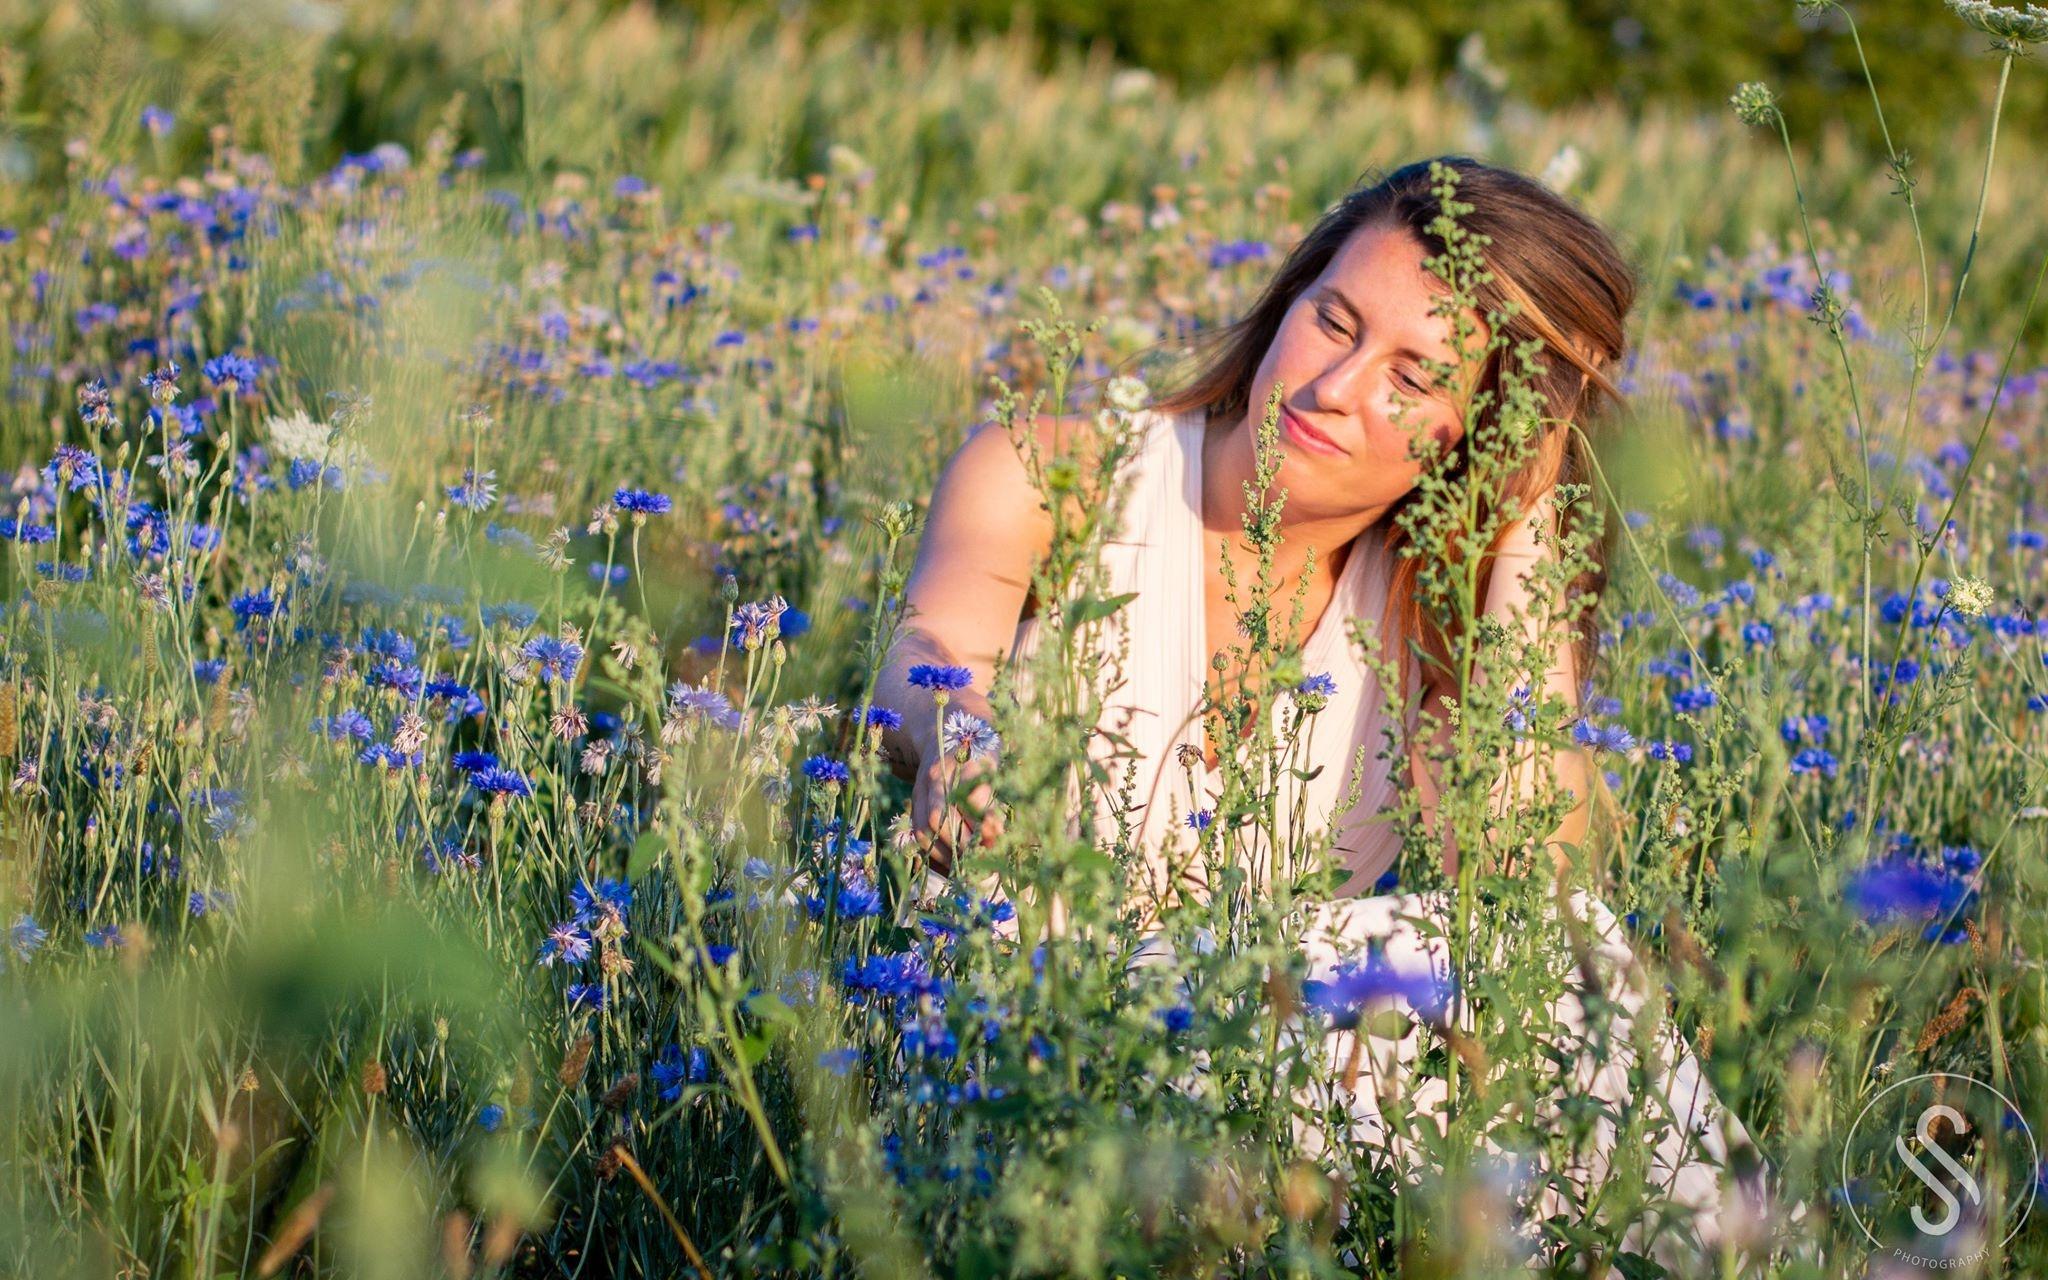 Jelske  verloor VANDAAG, 7 jaar geleden haar geliefde grootvader die haar de passie voor fotograferen door gaf.